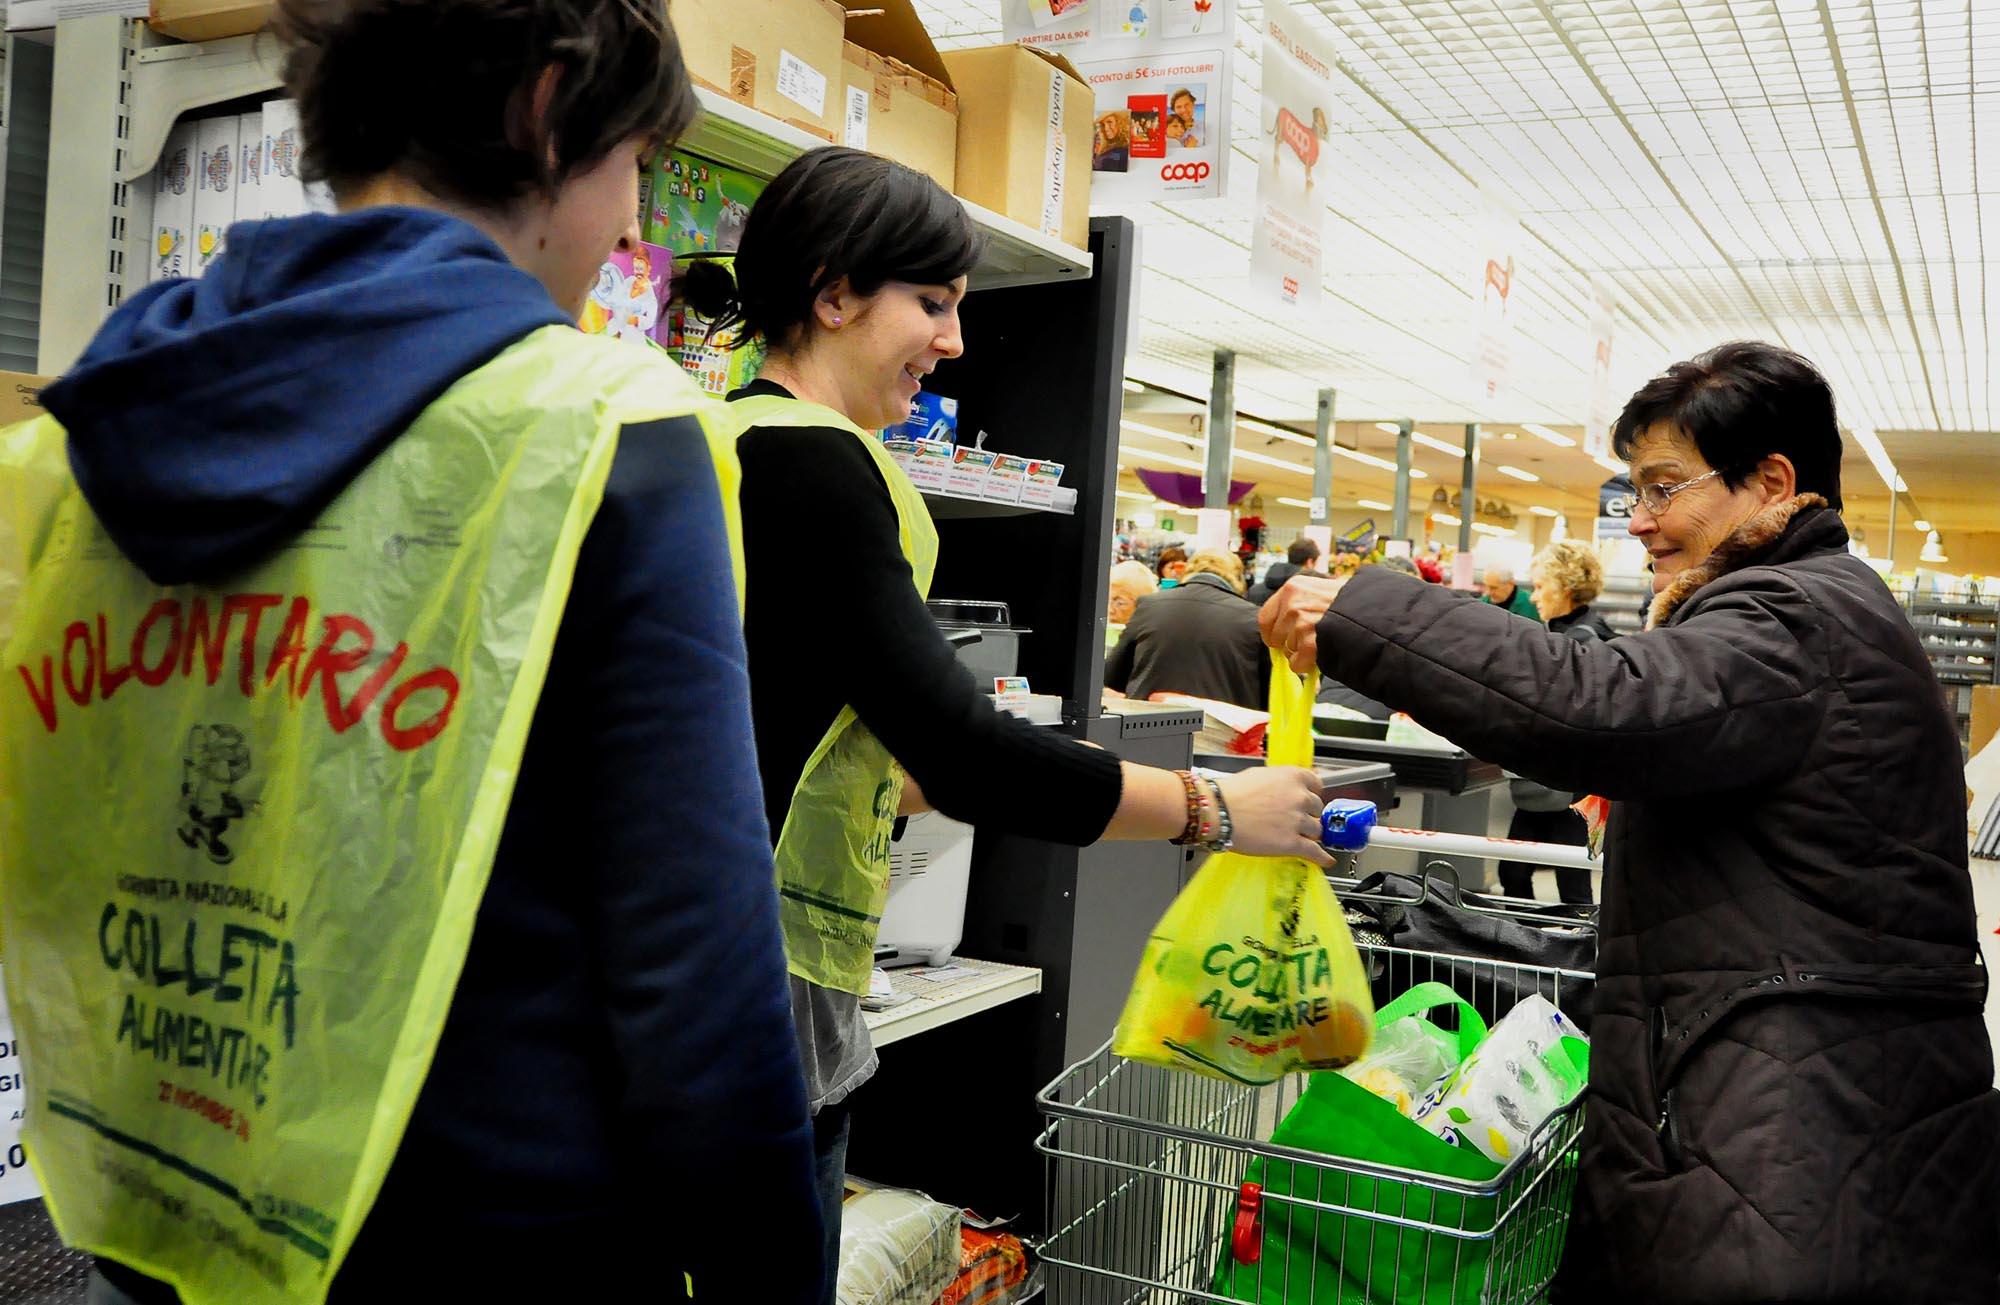 0496 Raccolta prodotti alimentari donati 1 - Banco alimentare